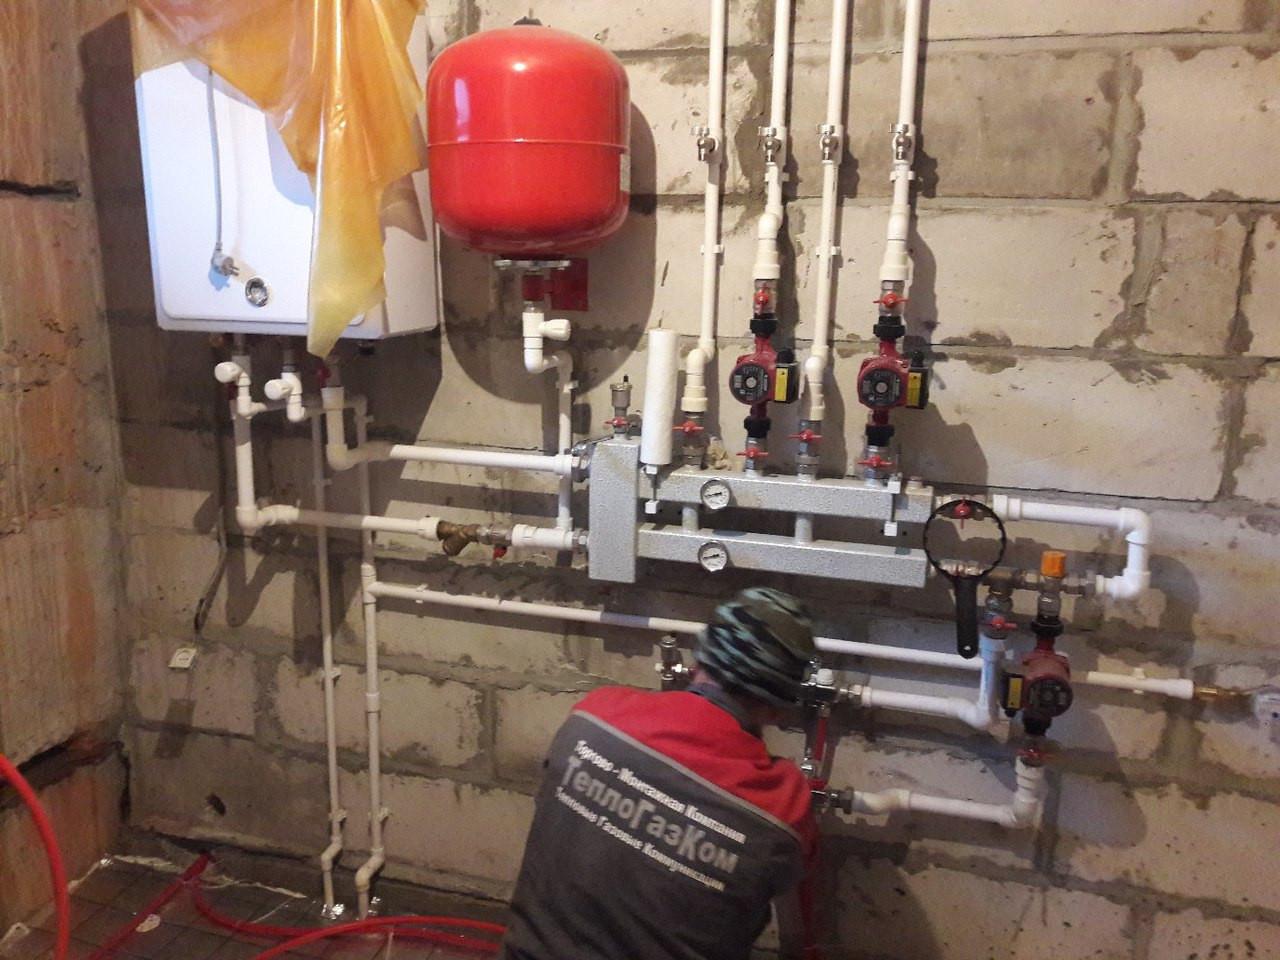 Вариант обвязки настенного газового котла насосными группами отечественного производителя тоже что и Meibes только изделия ниже качеством и конструкция более примитивная хотя тоже позволяет распределить тепловые контуры, высокотемпературные для радиаторов отопления, низкотемпературные для системы теплых полов, возможность подключения к каждому контуру погод зависимой автоматики, что еще больше позволит экономить энергию (деньги) и более точно настраивать температуру в помещении. Продлевает срок службы котла.